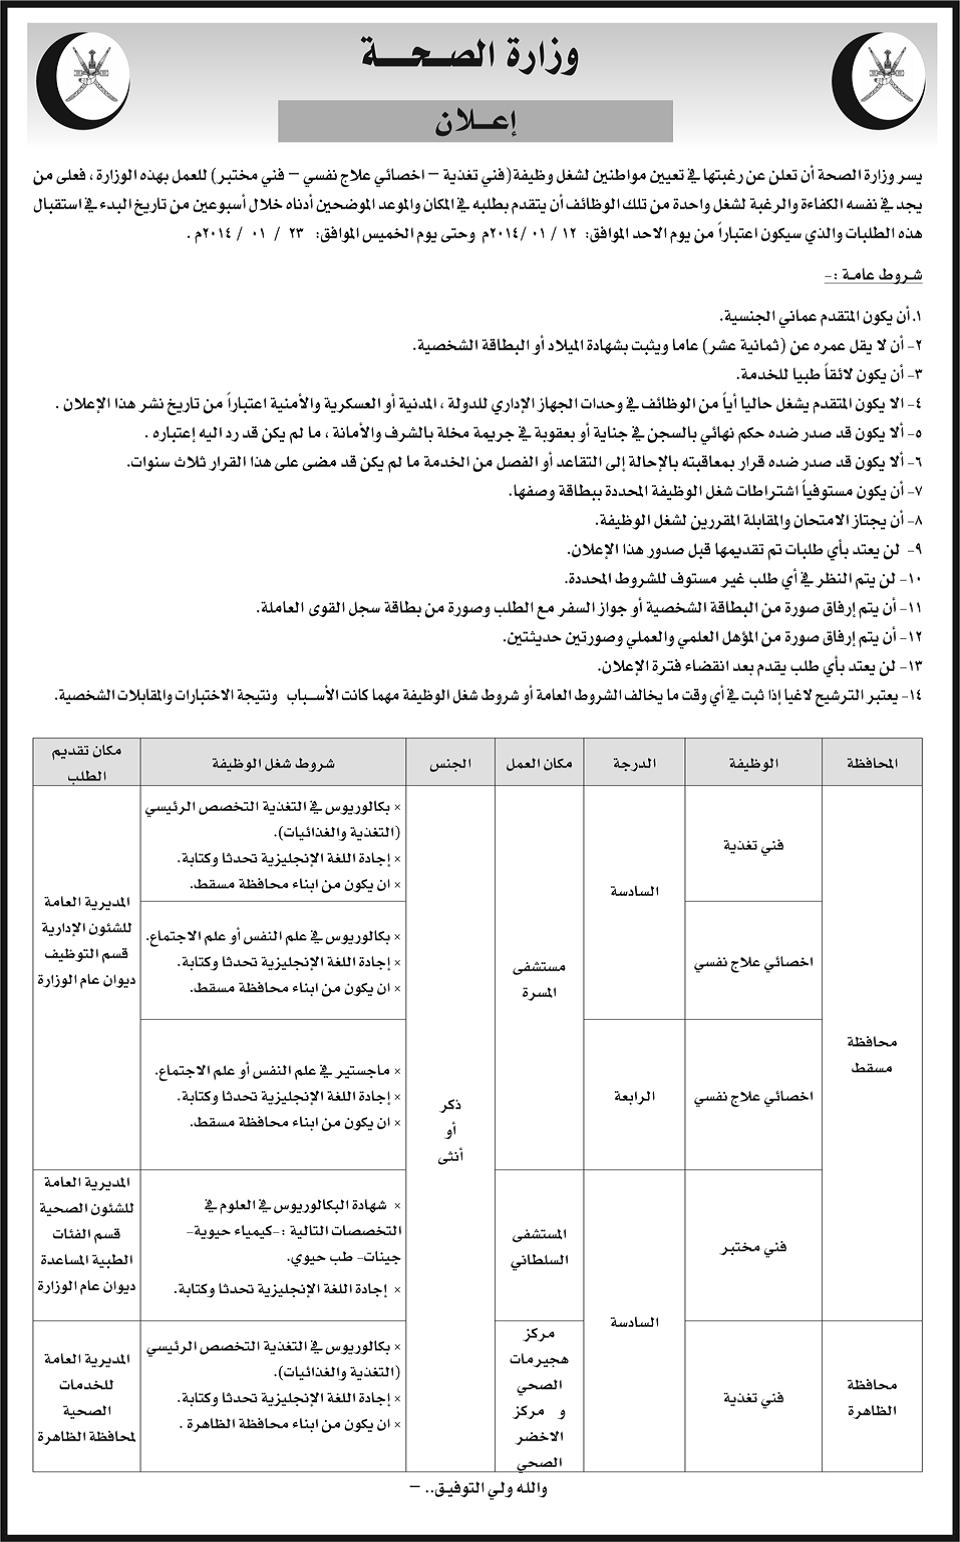 اعلان وظائف وزارة الصحة